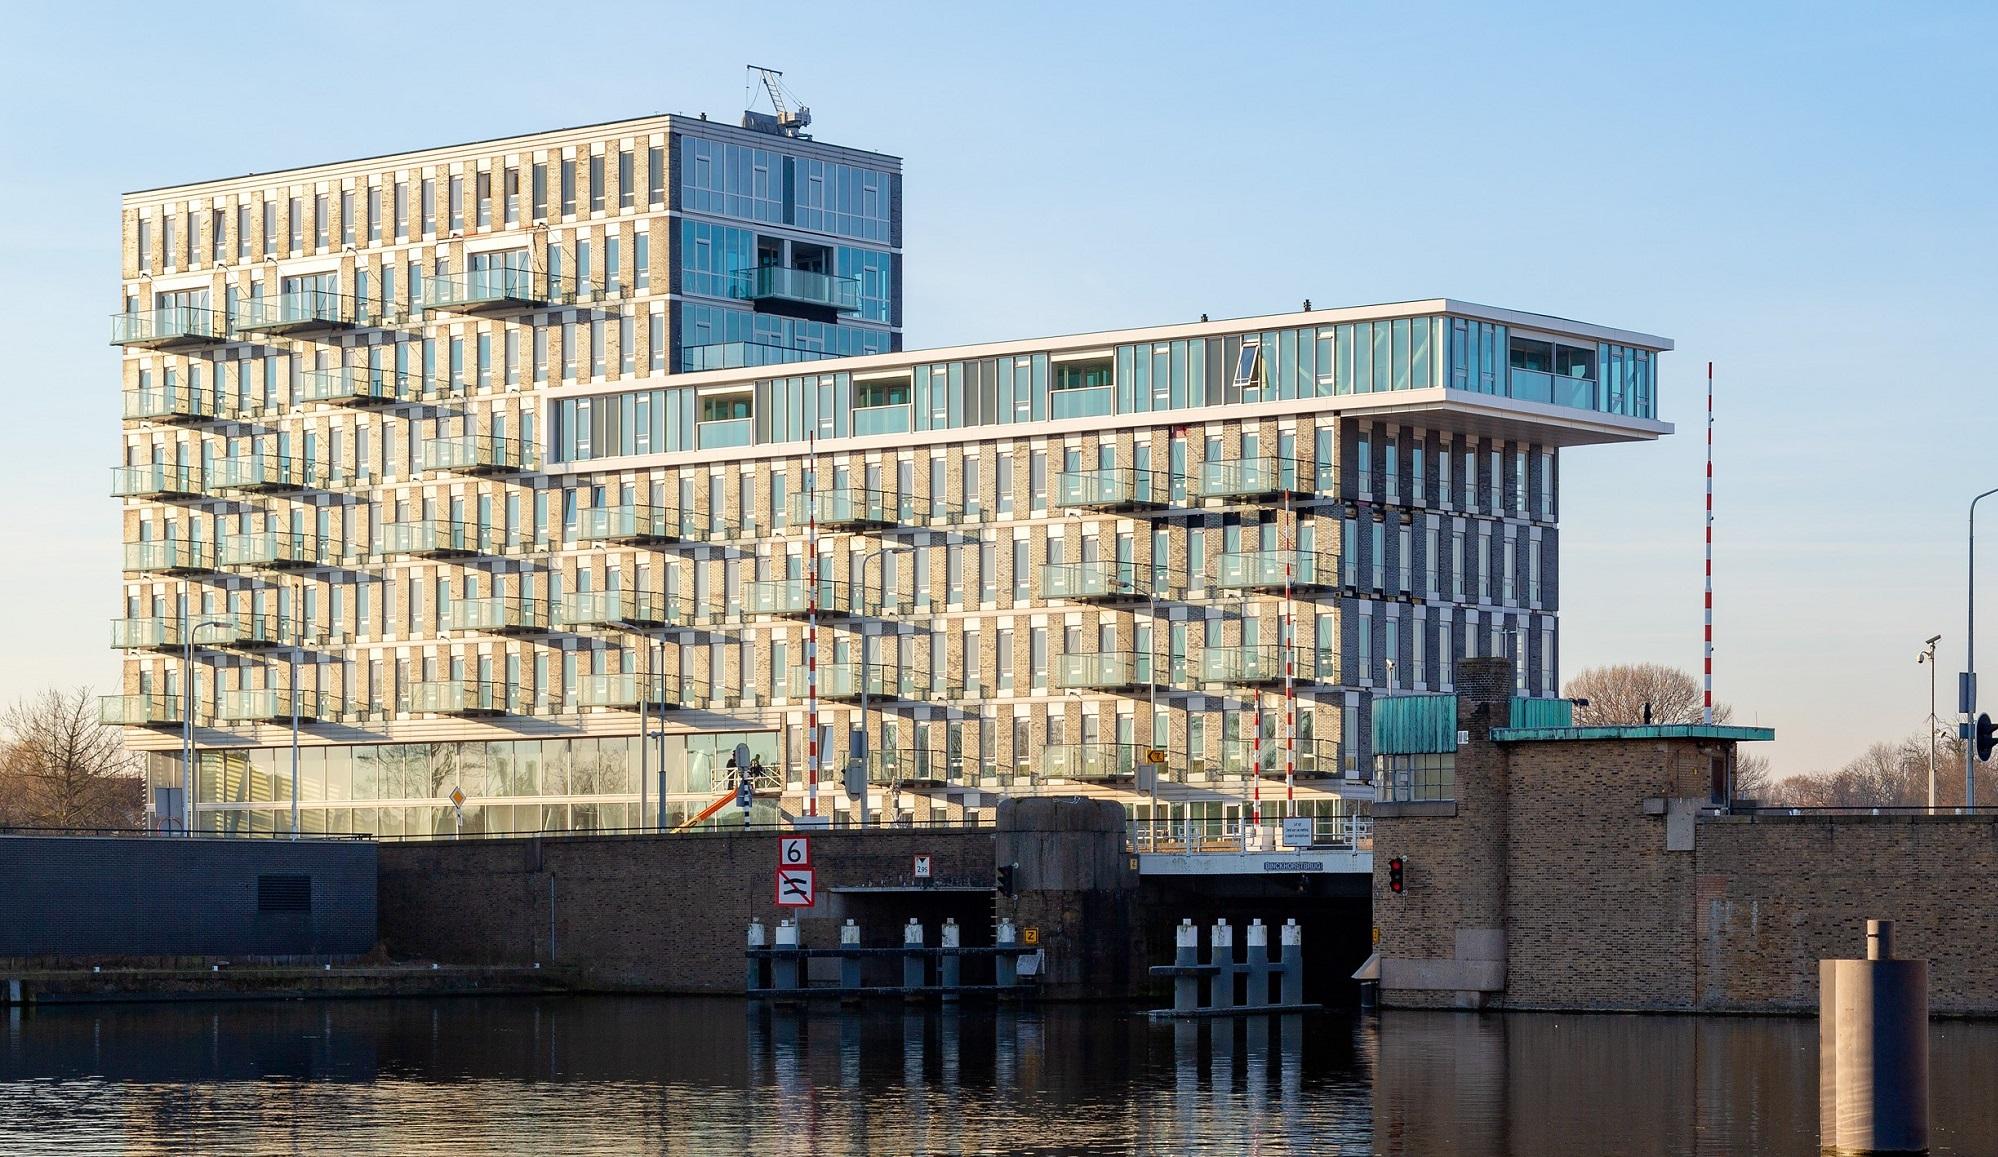 bonckeiland appartementen in voormalig sdu gebouw